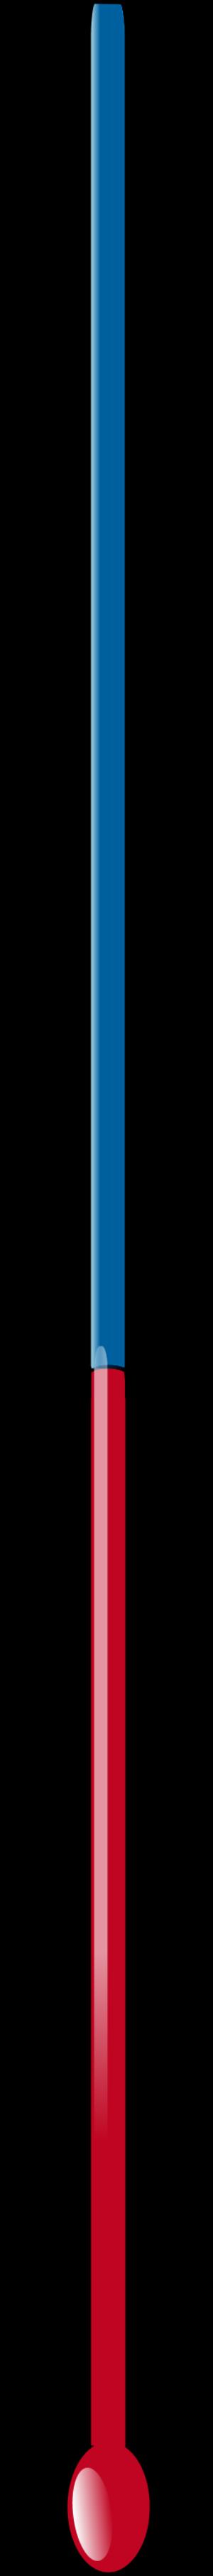 Temperature thermometer vector clip art